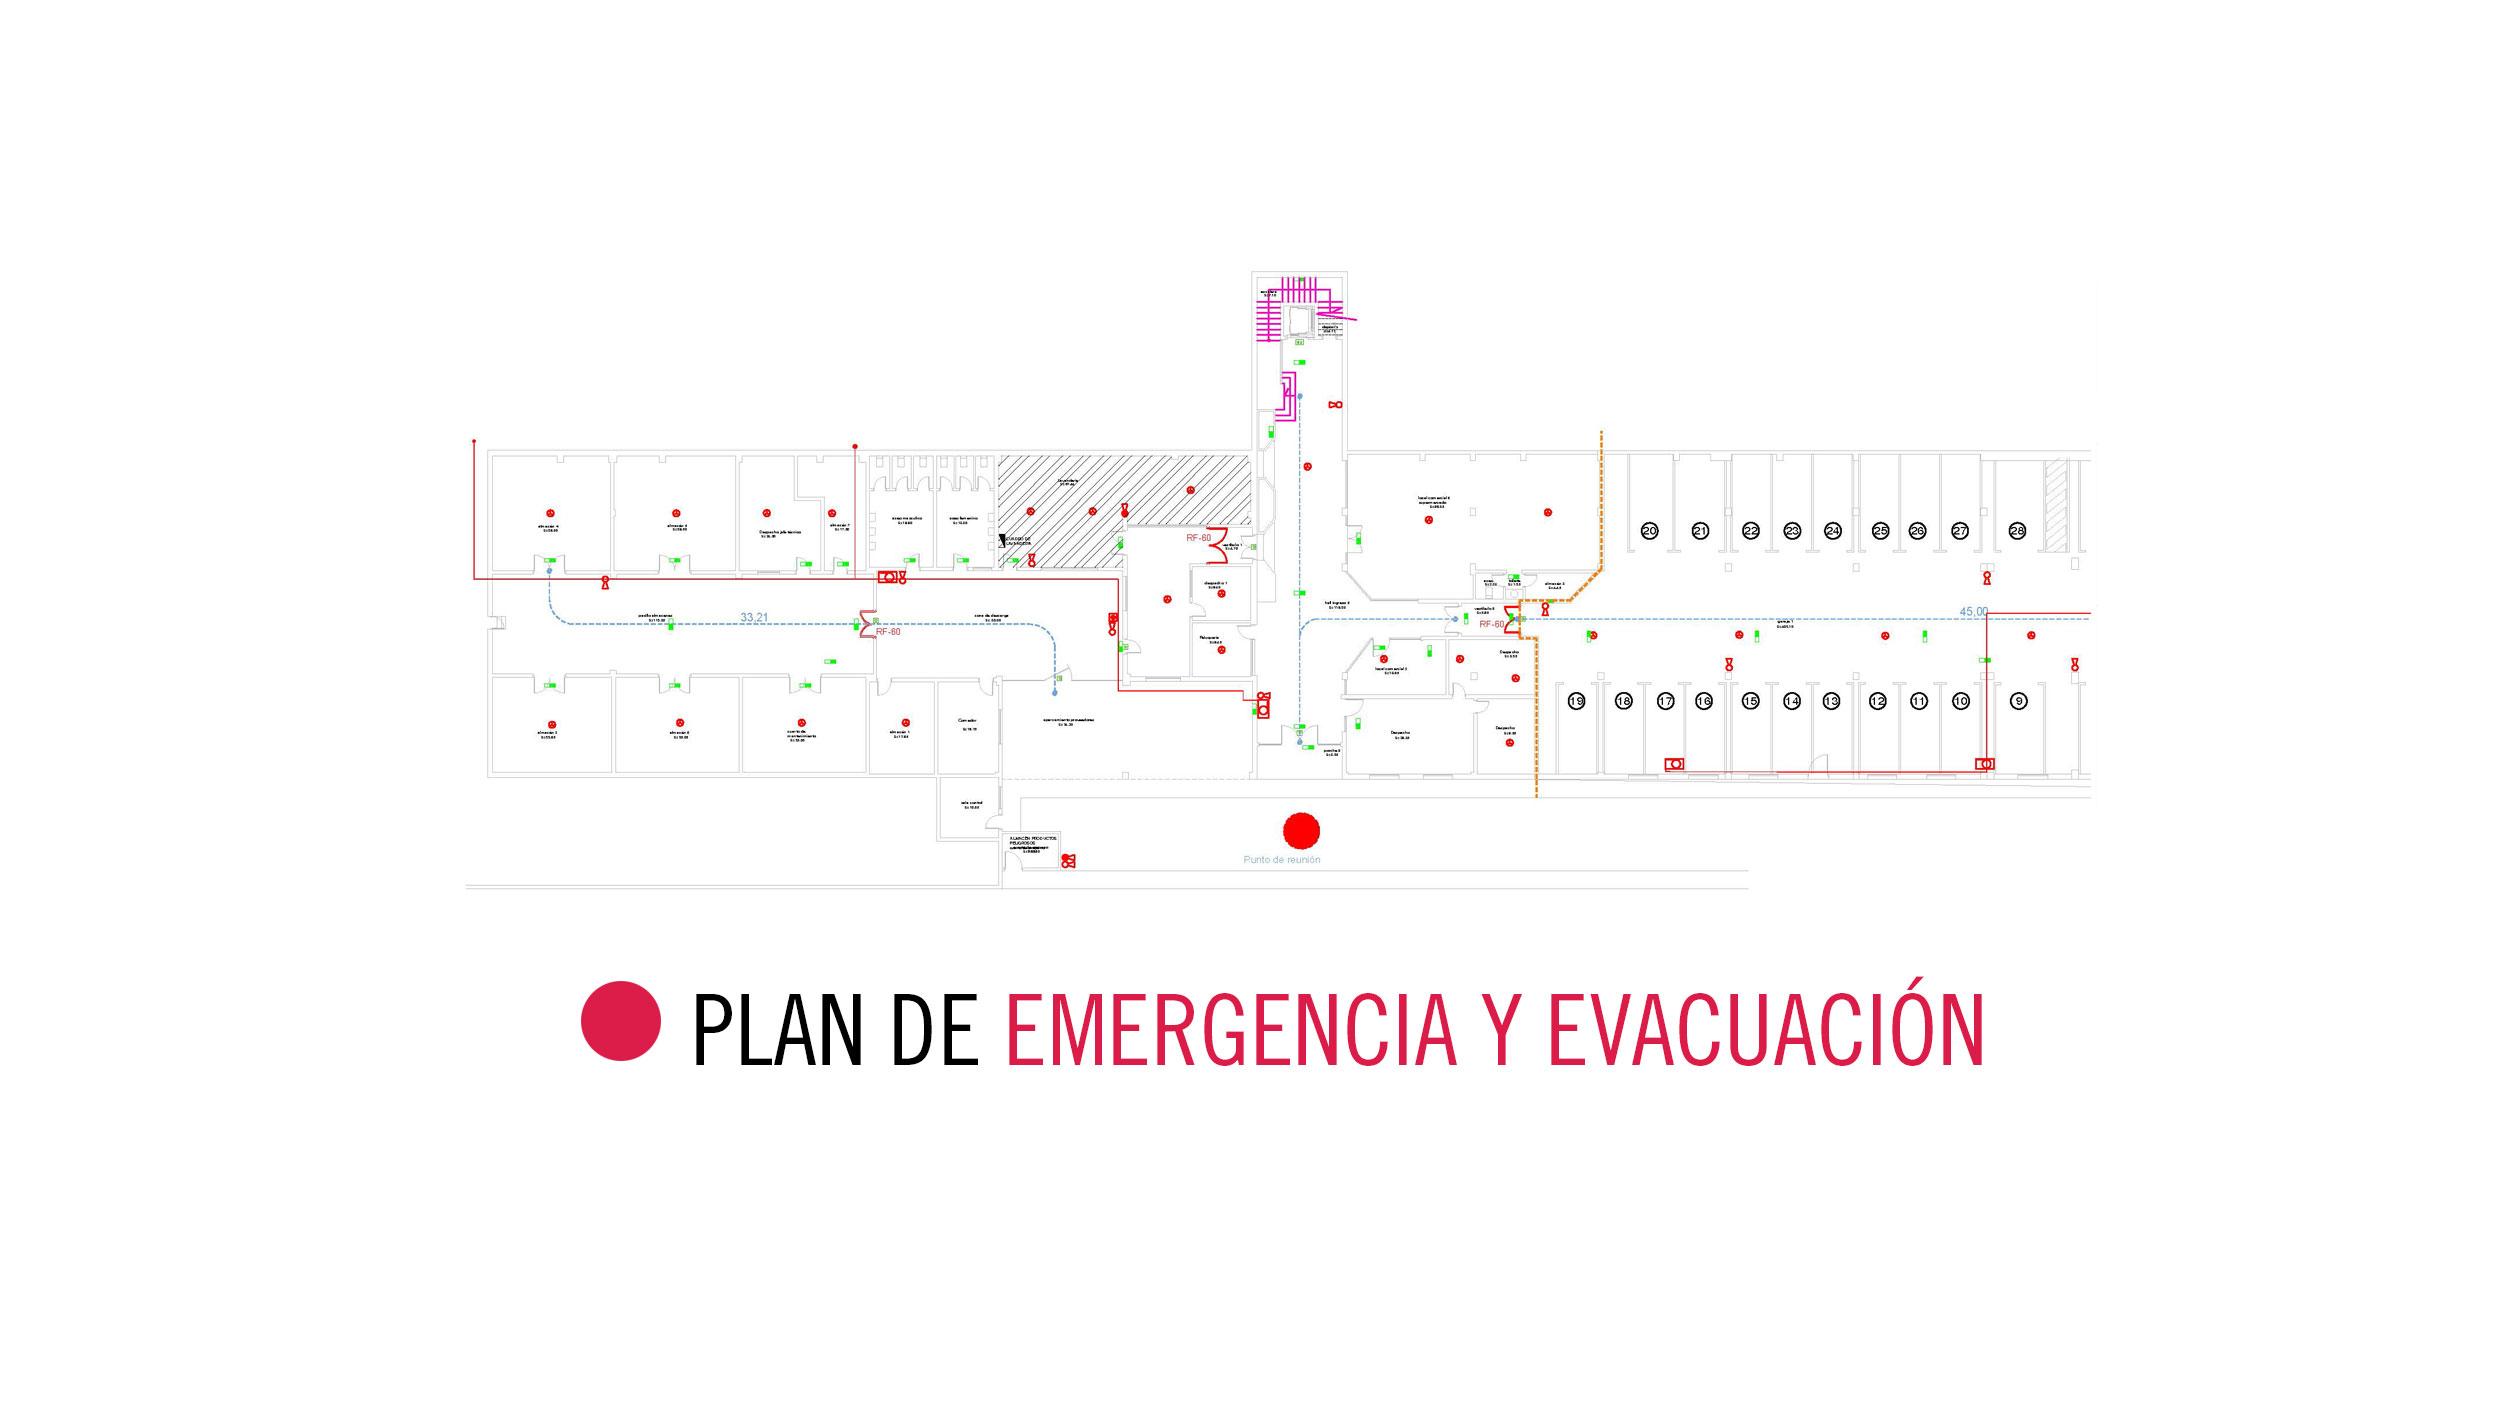 PLAN DE EMERGENCIA Y EVACUACIÓN para Complejo Hotelero